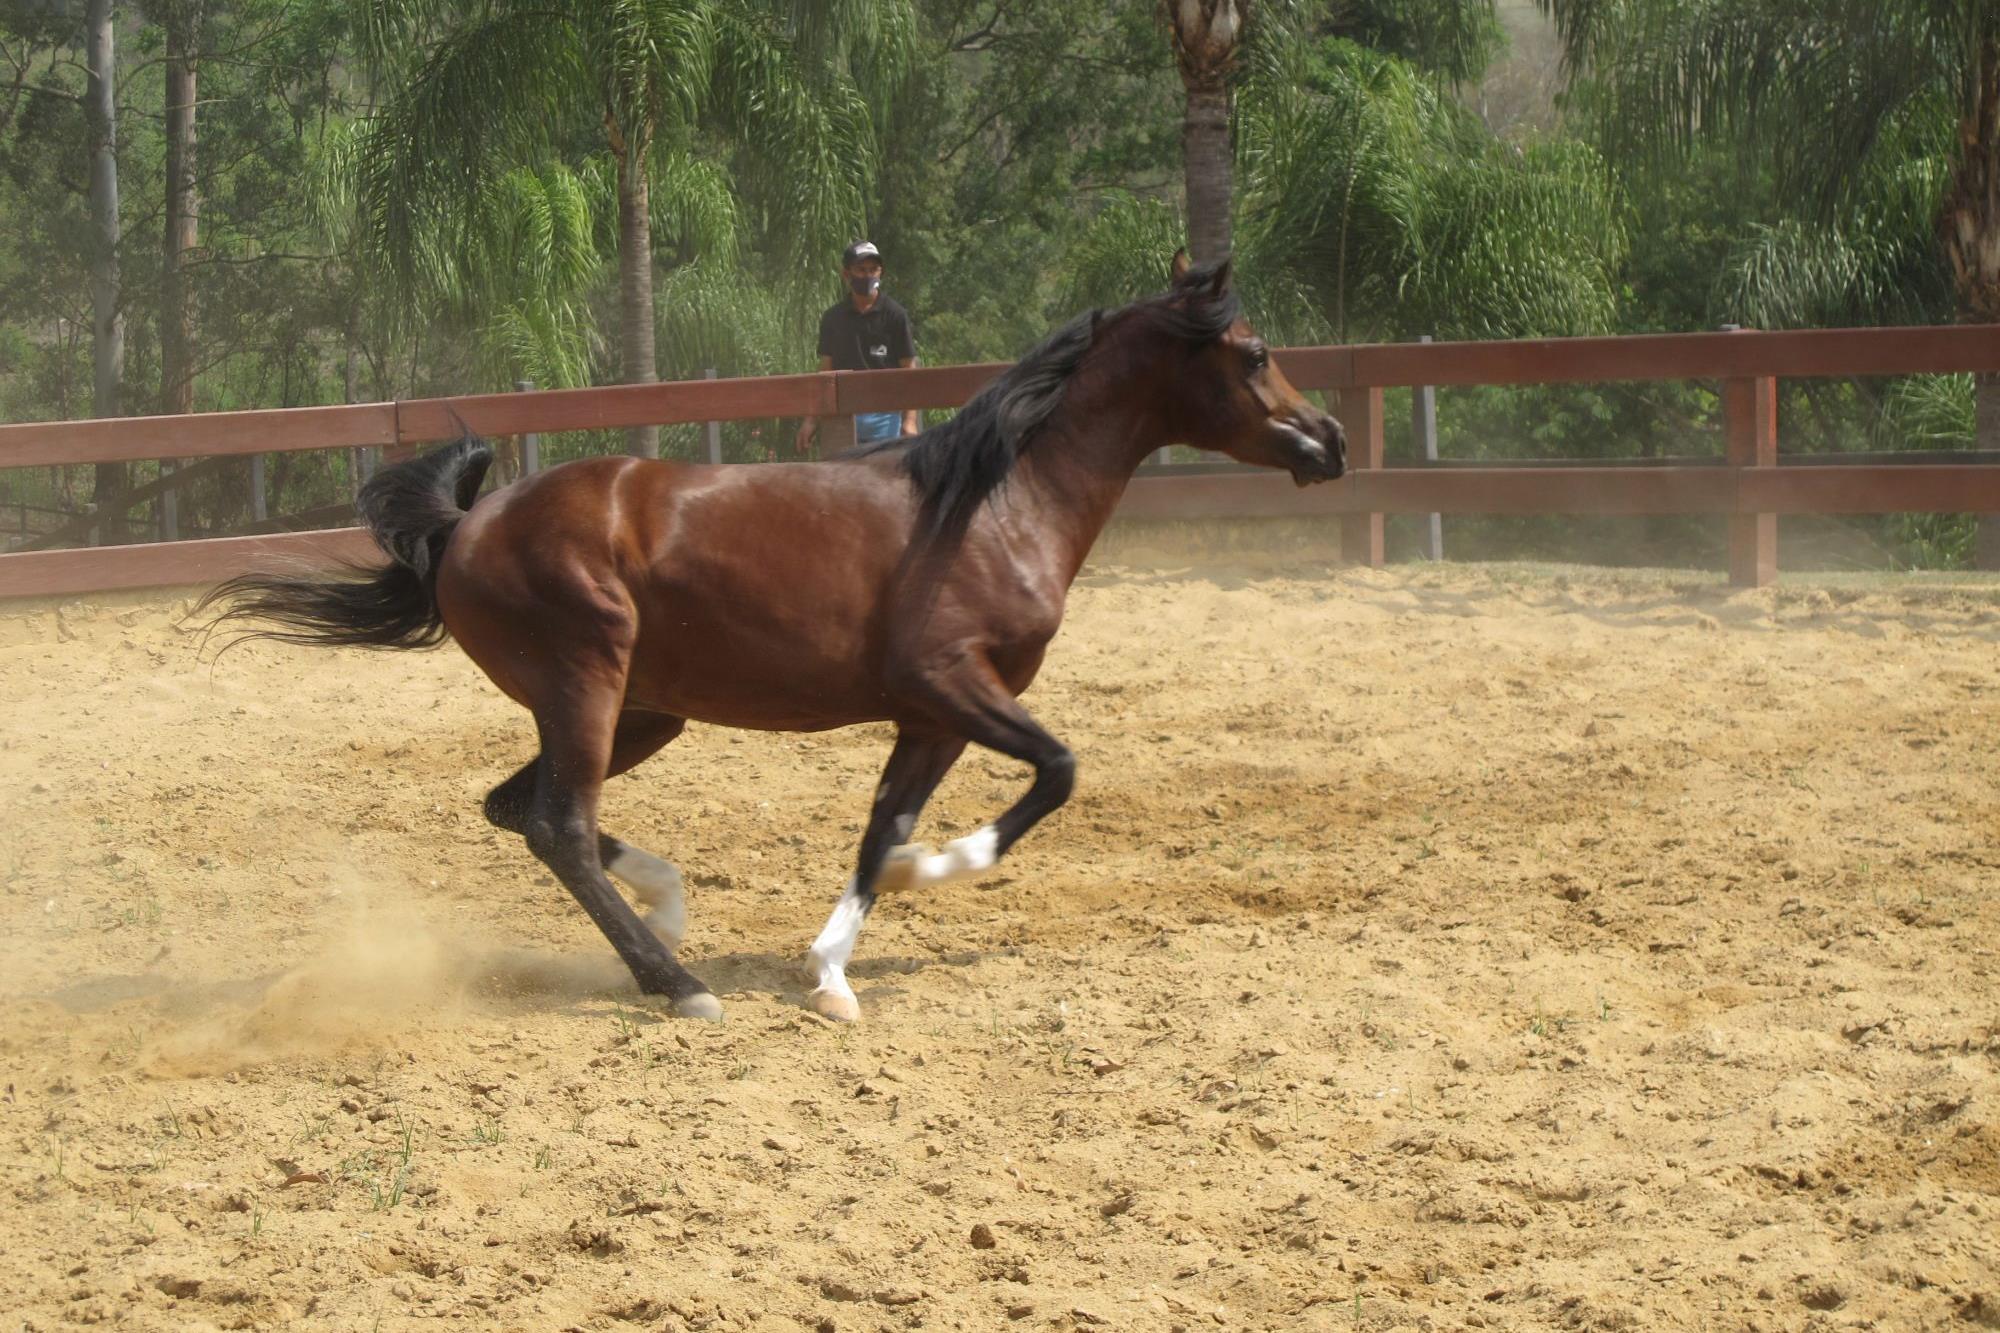 Leilão Cruzeiro oferece cavalos árabes de Esporte e Trabalho